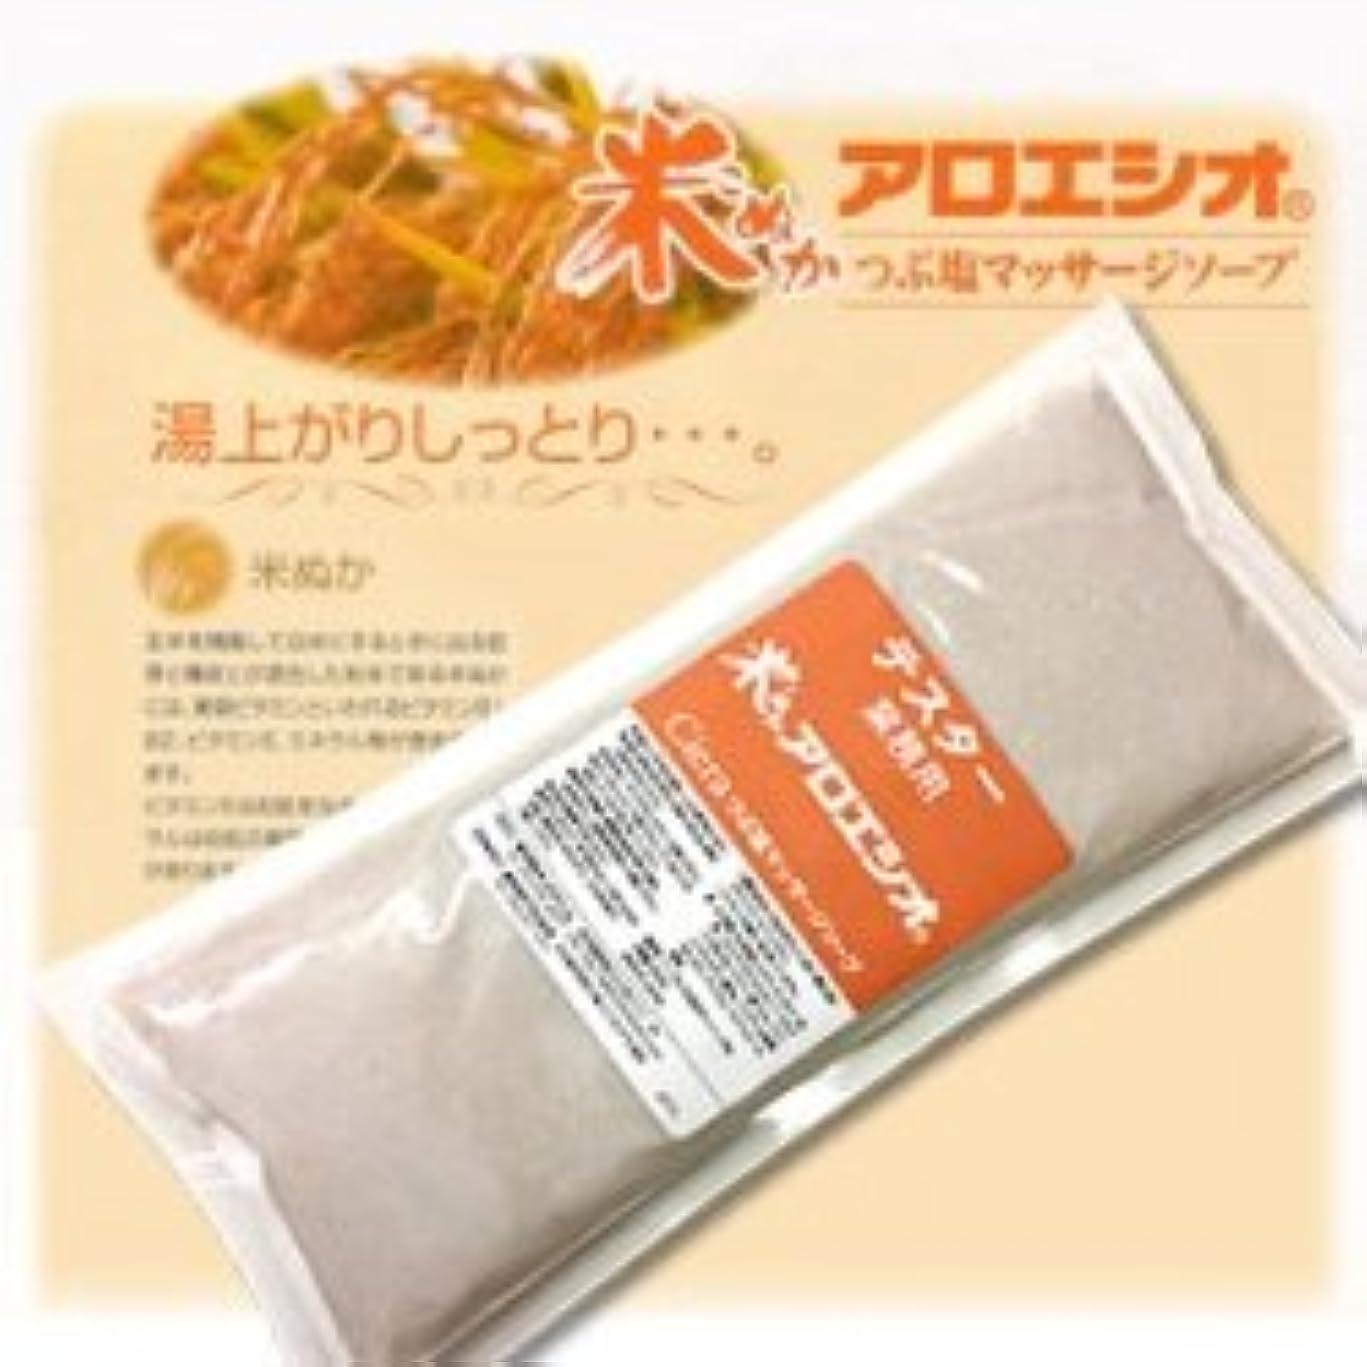 だますギャングスターアリス業務用米ぬかアロエ塩 800g つぶ塩マッサージソープ/ フタバ化学 アロエシオ Ciera